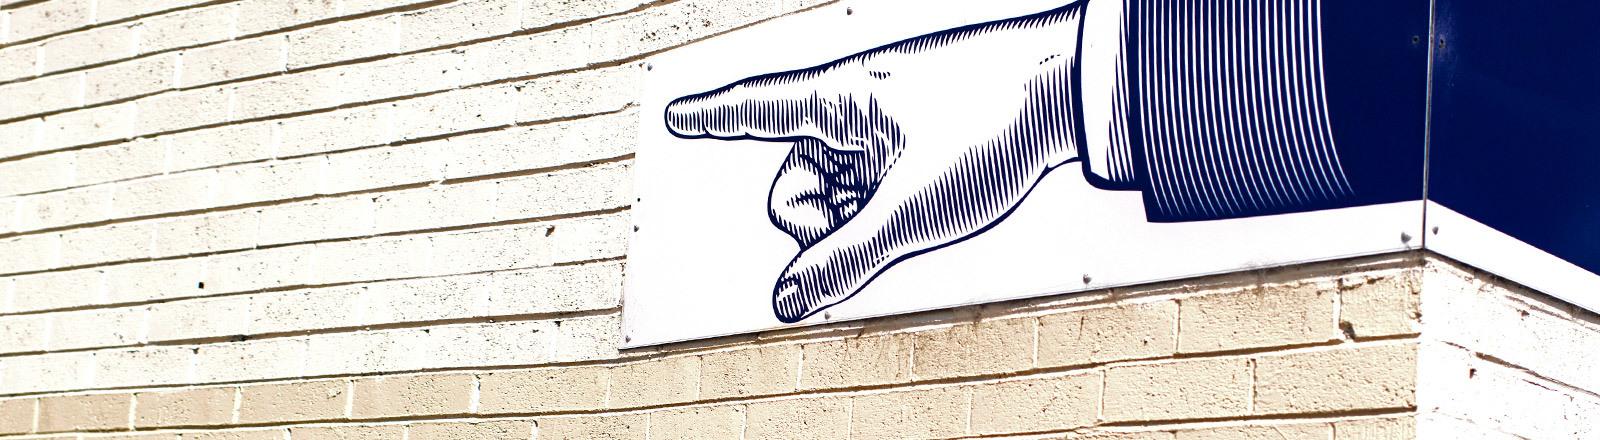 Ein Bild an einer Wand, das einen ausgestreckten Finger zeigt.